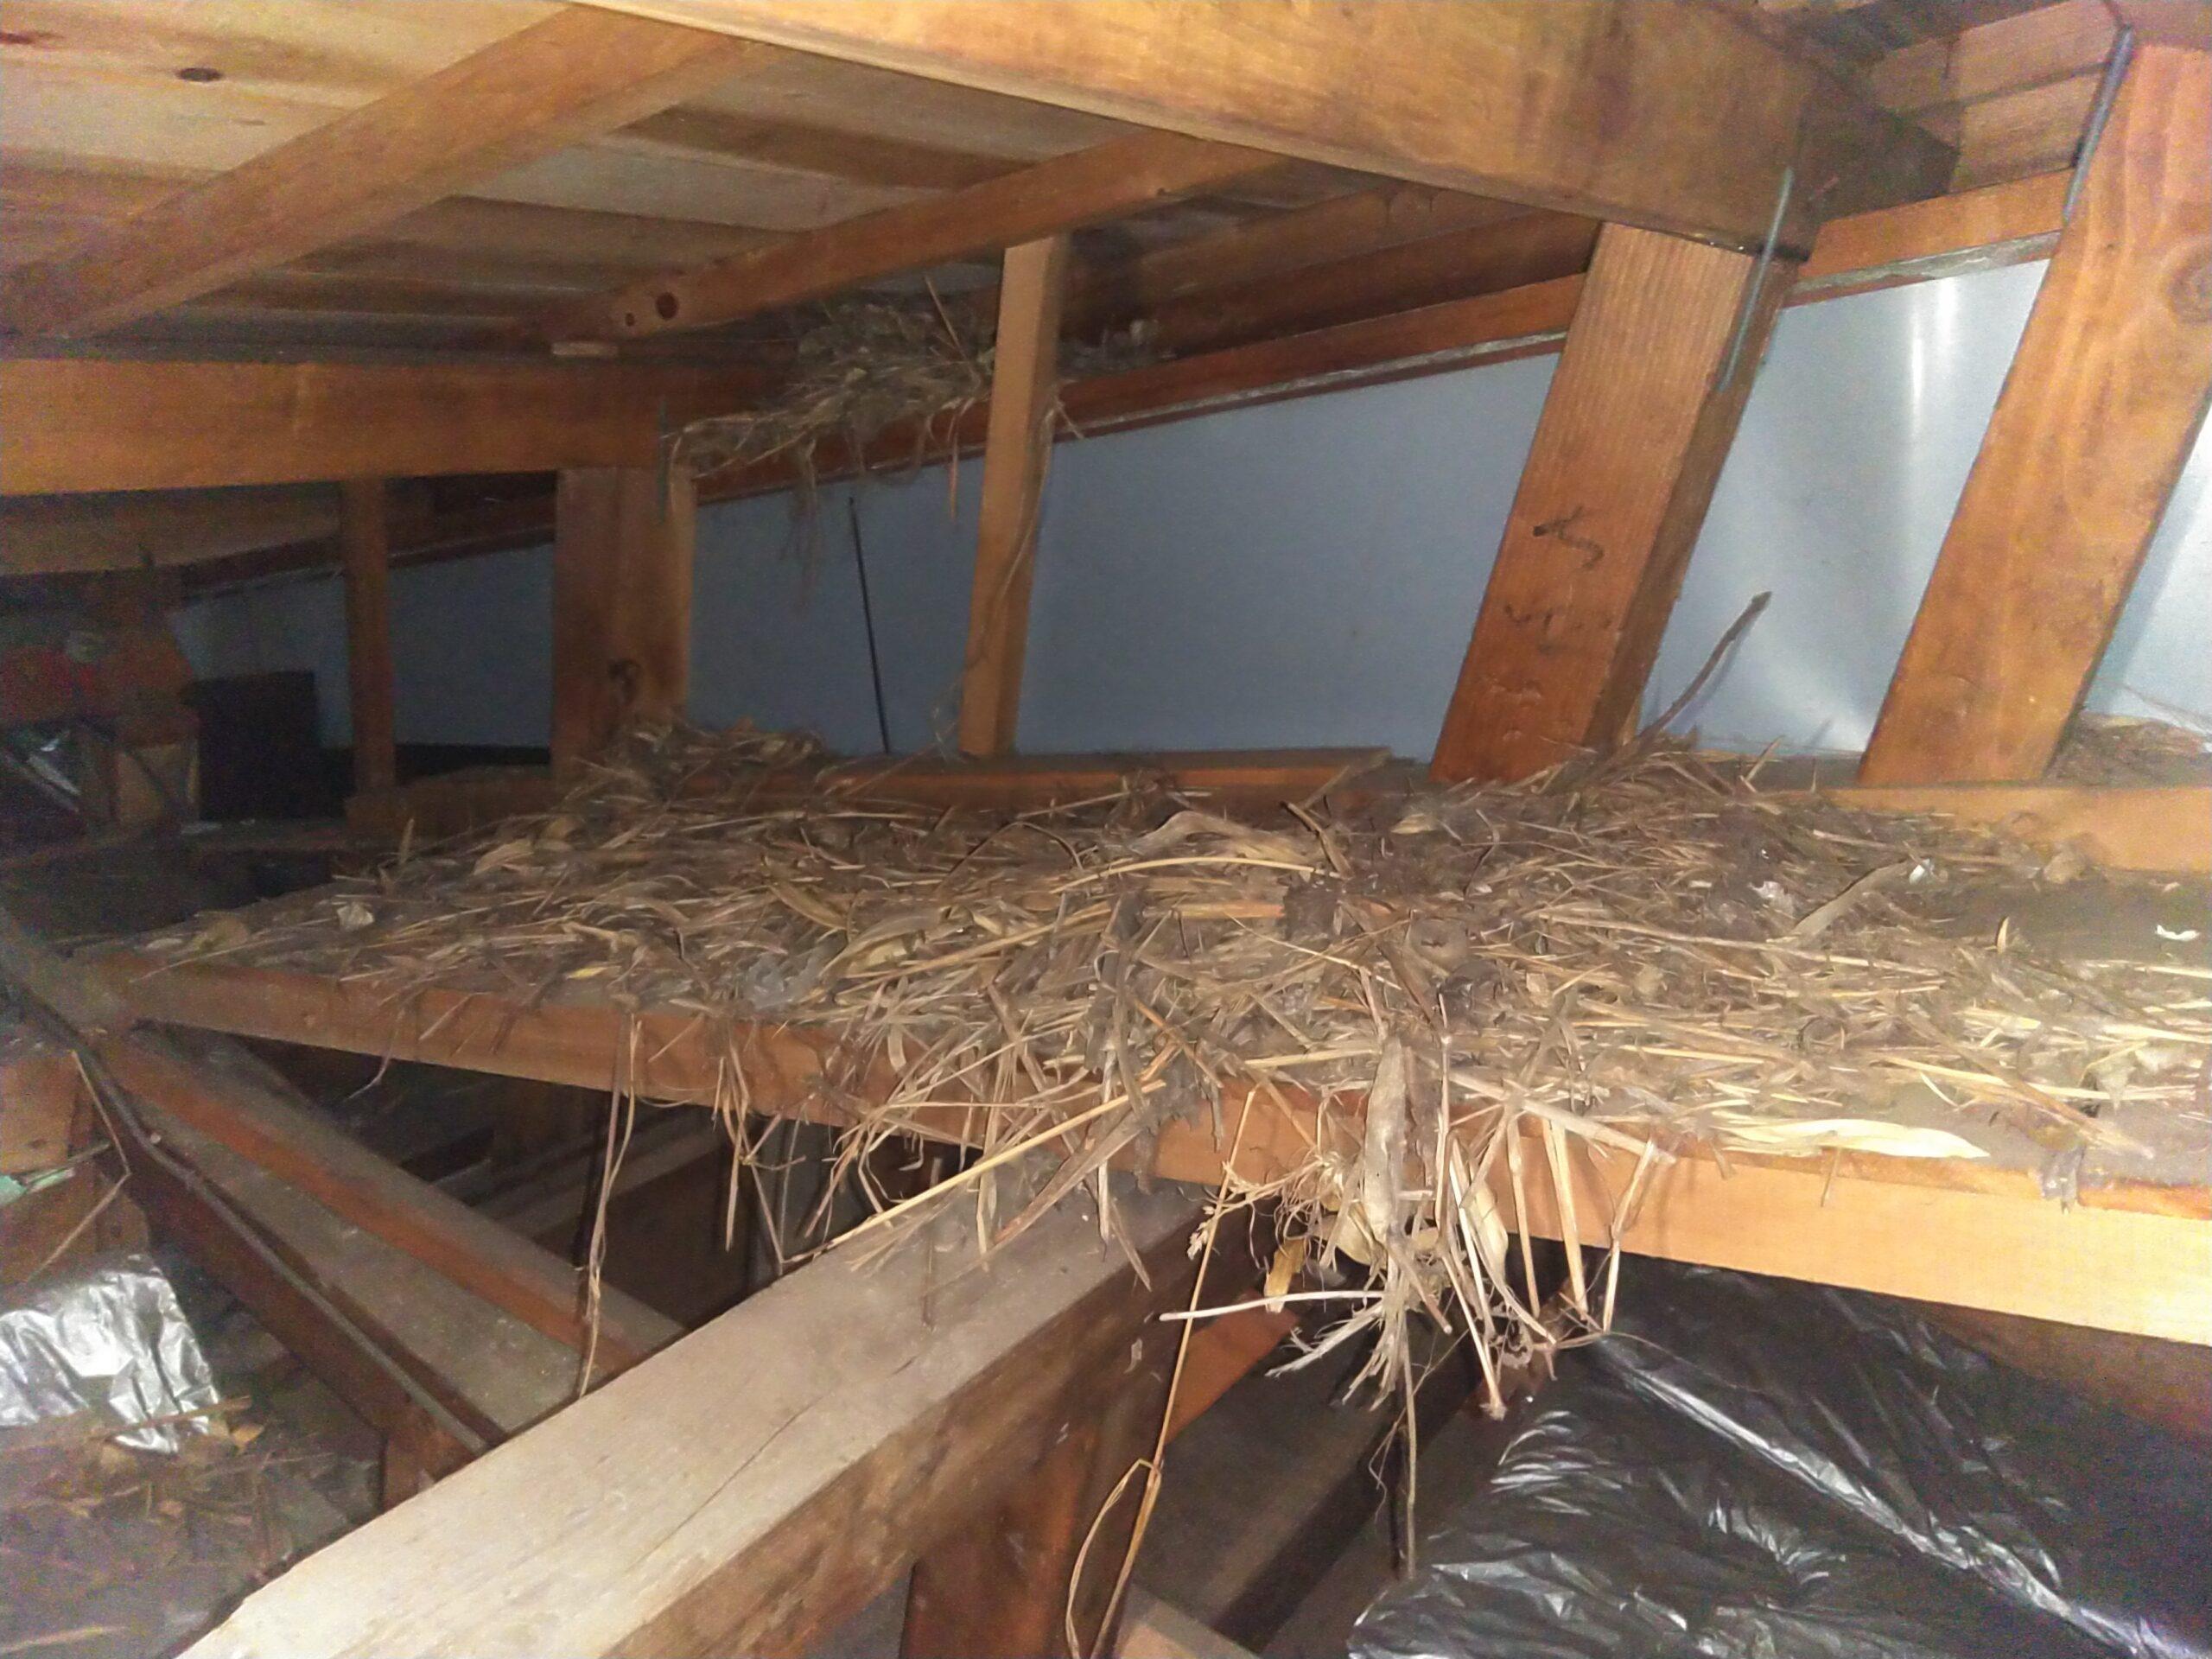 千葉県柏市のO様のムクドリ害鳥駆除:施工前